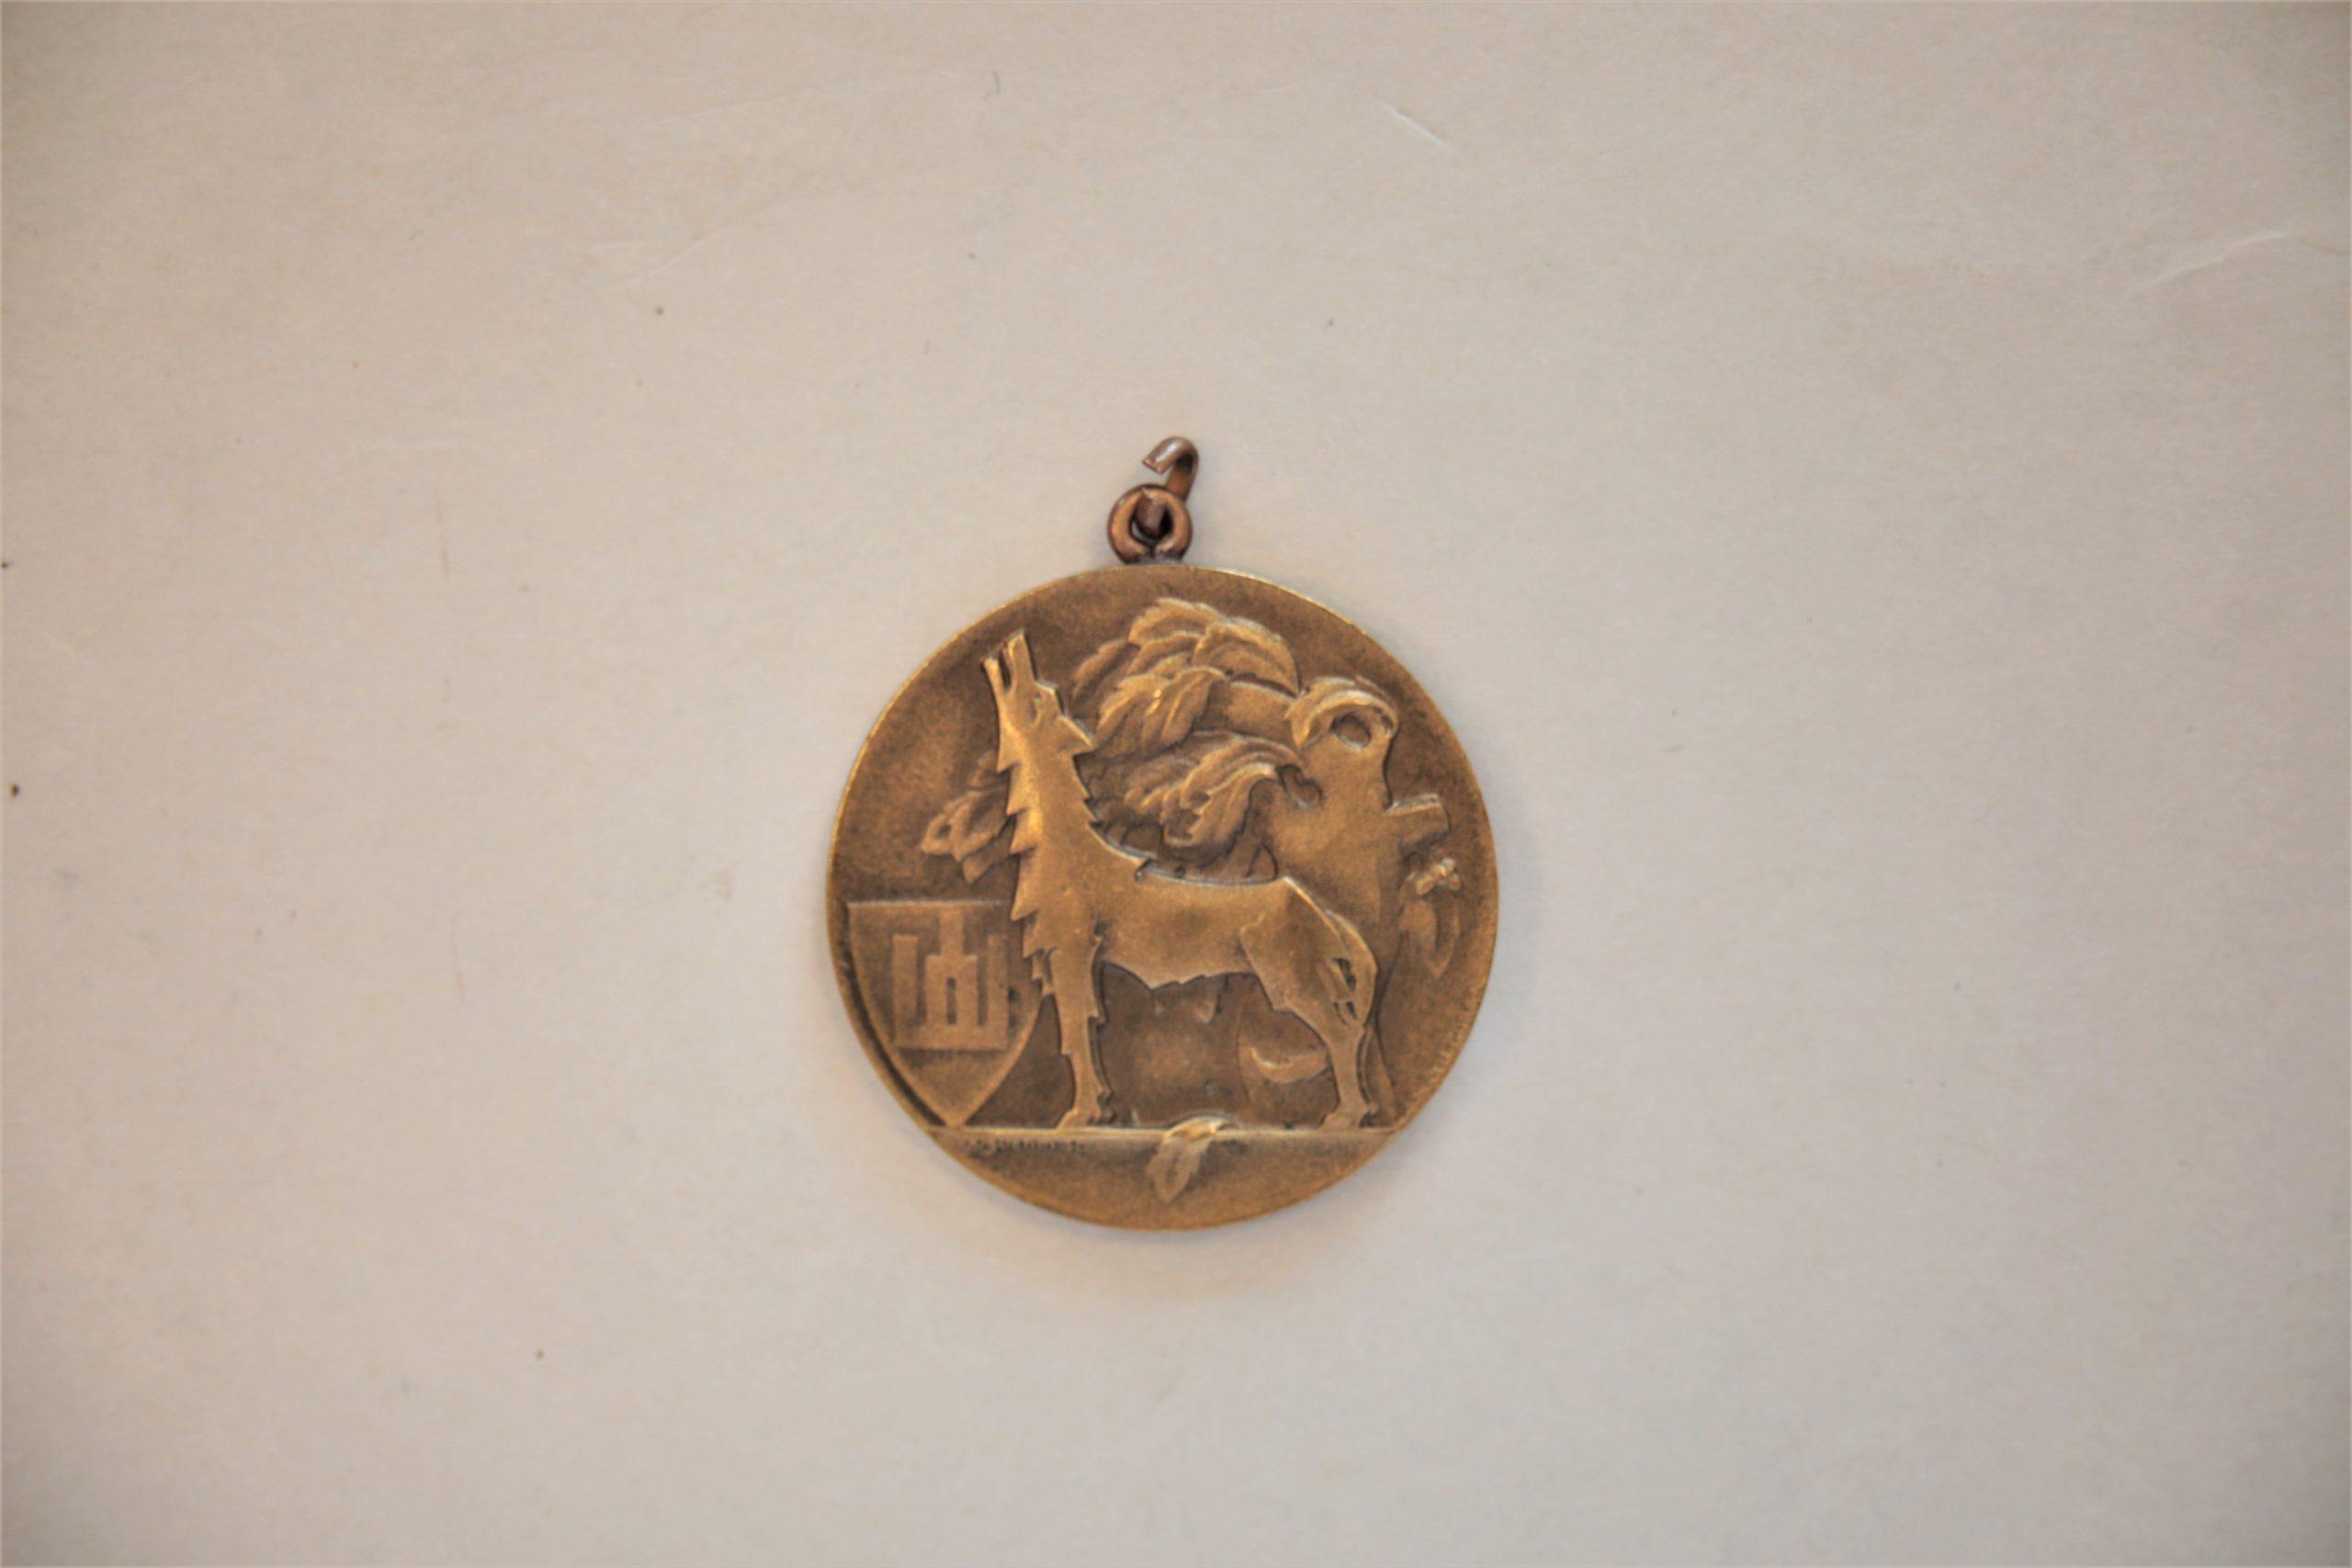 Medalis. Didysis Lietuvos kunigaikštis Gediminas. Metalas. Reversas. Autorius nežinomas